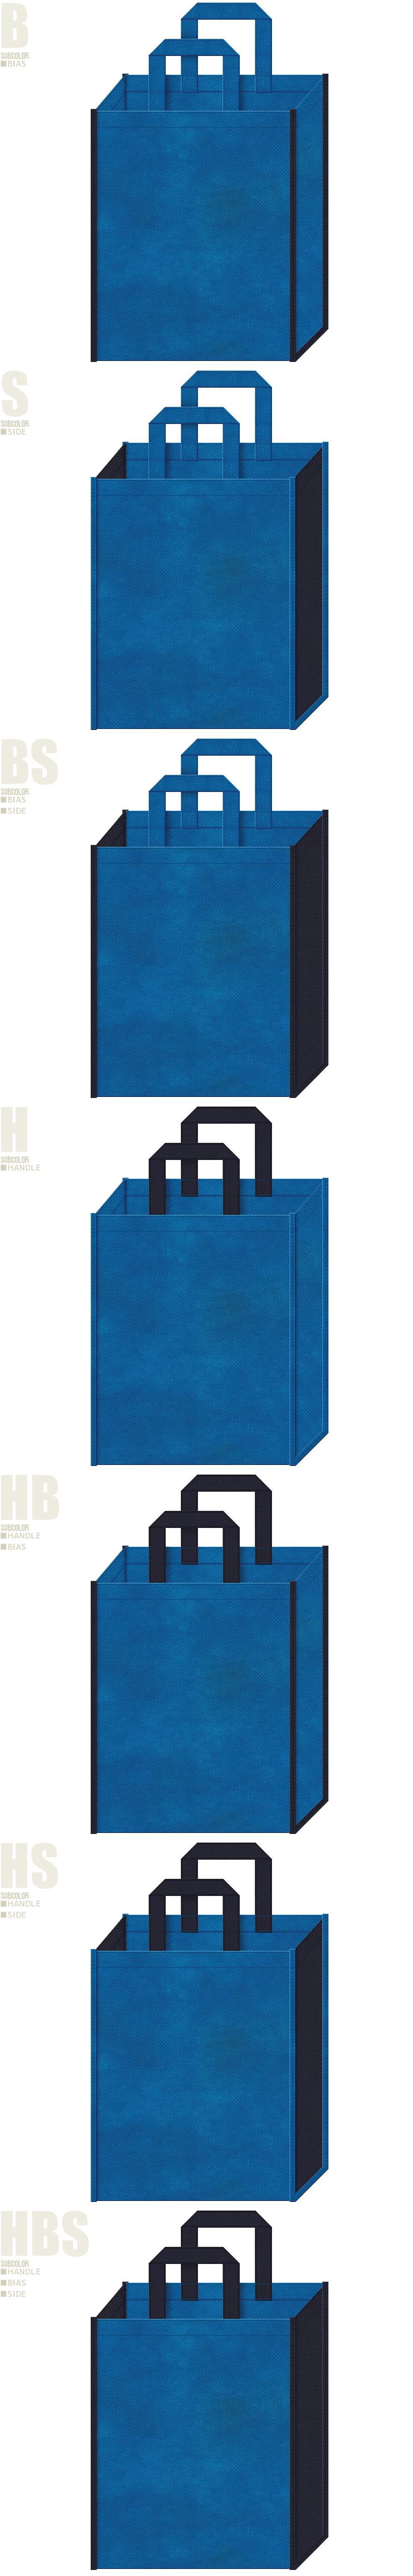 海底・剣・光線・アリーナ・格闘・ゲームの展示会用バッグにお奨めの不織布バッグデザイン:青色と濃紺色の不織布バッグ配色7パターン